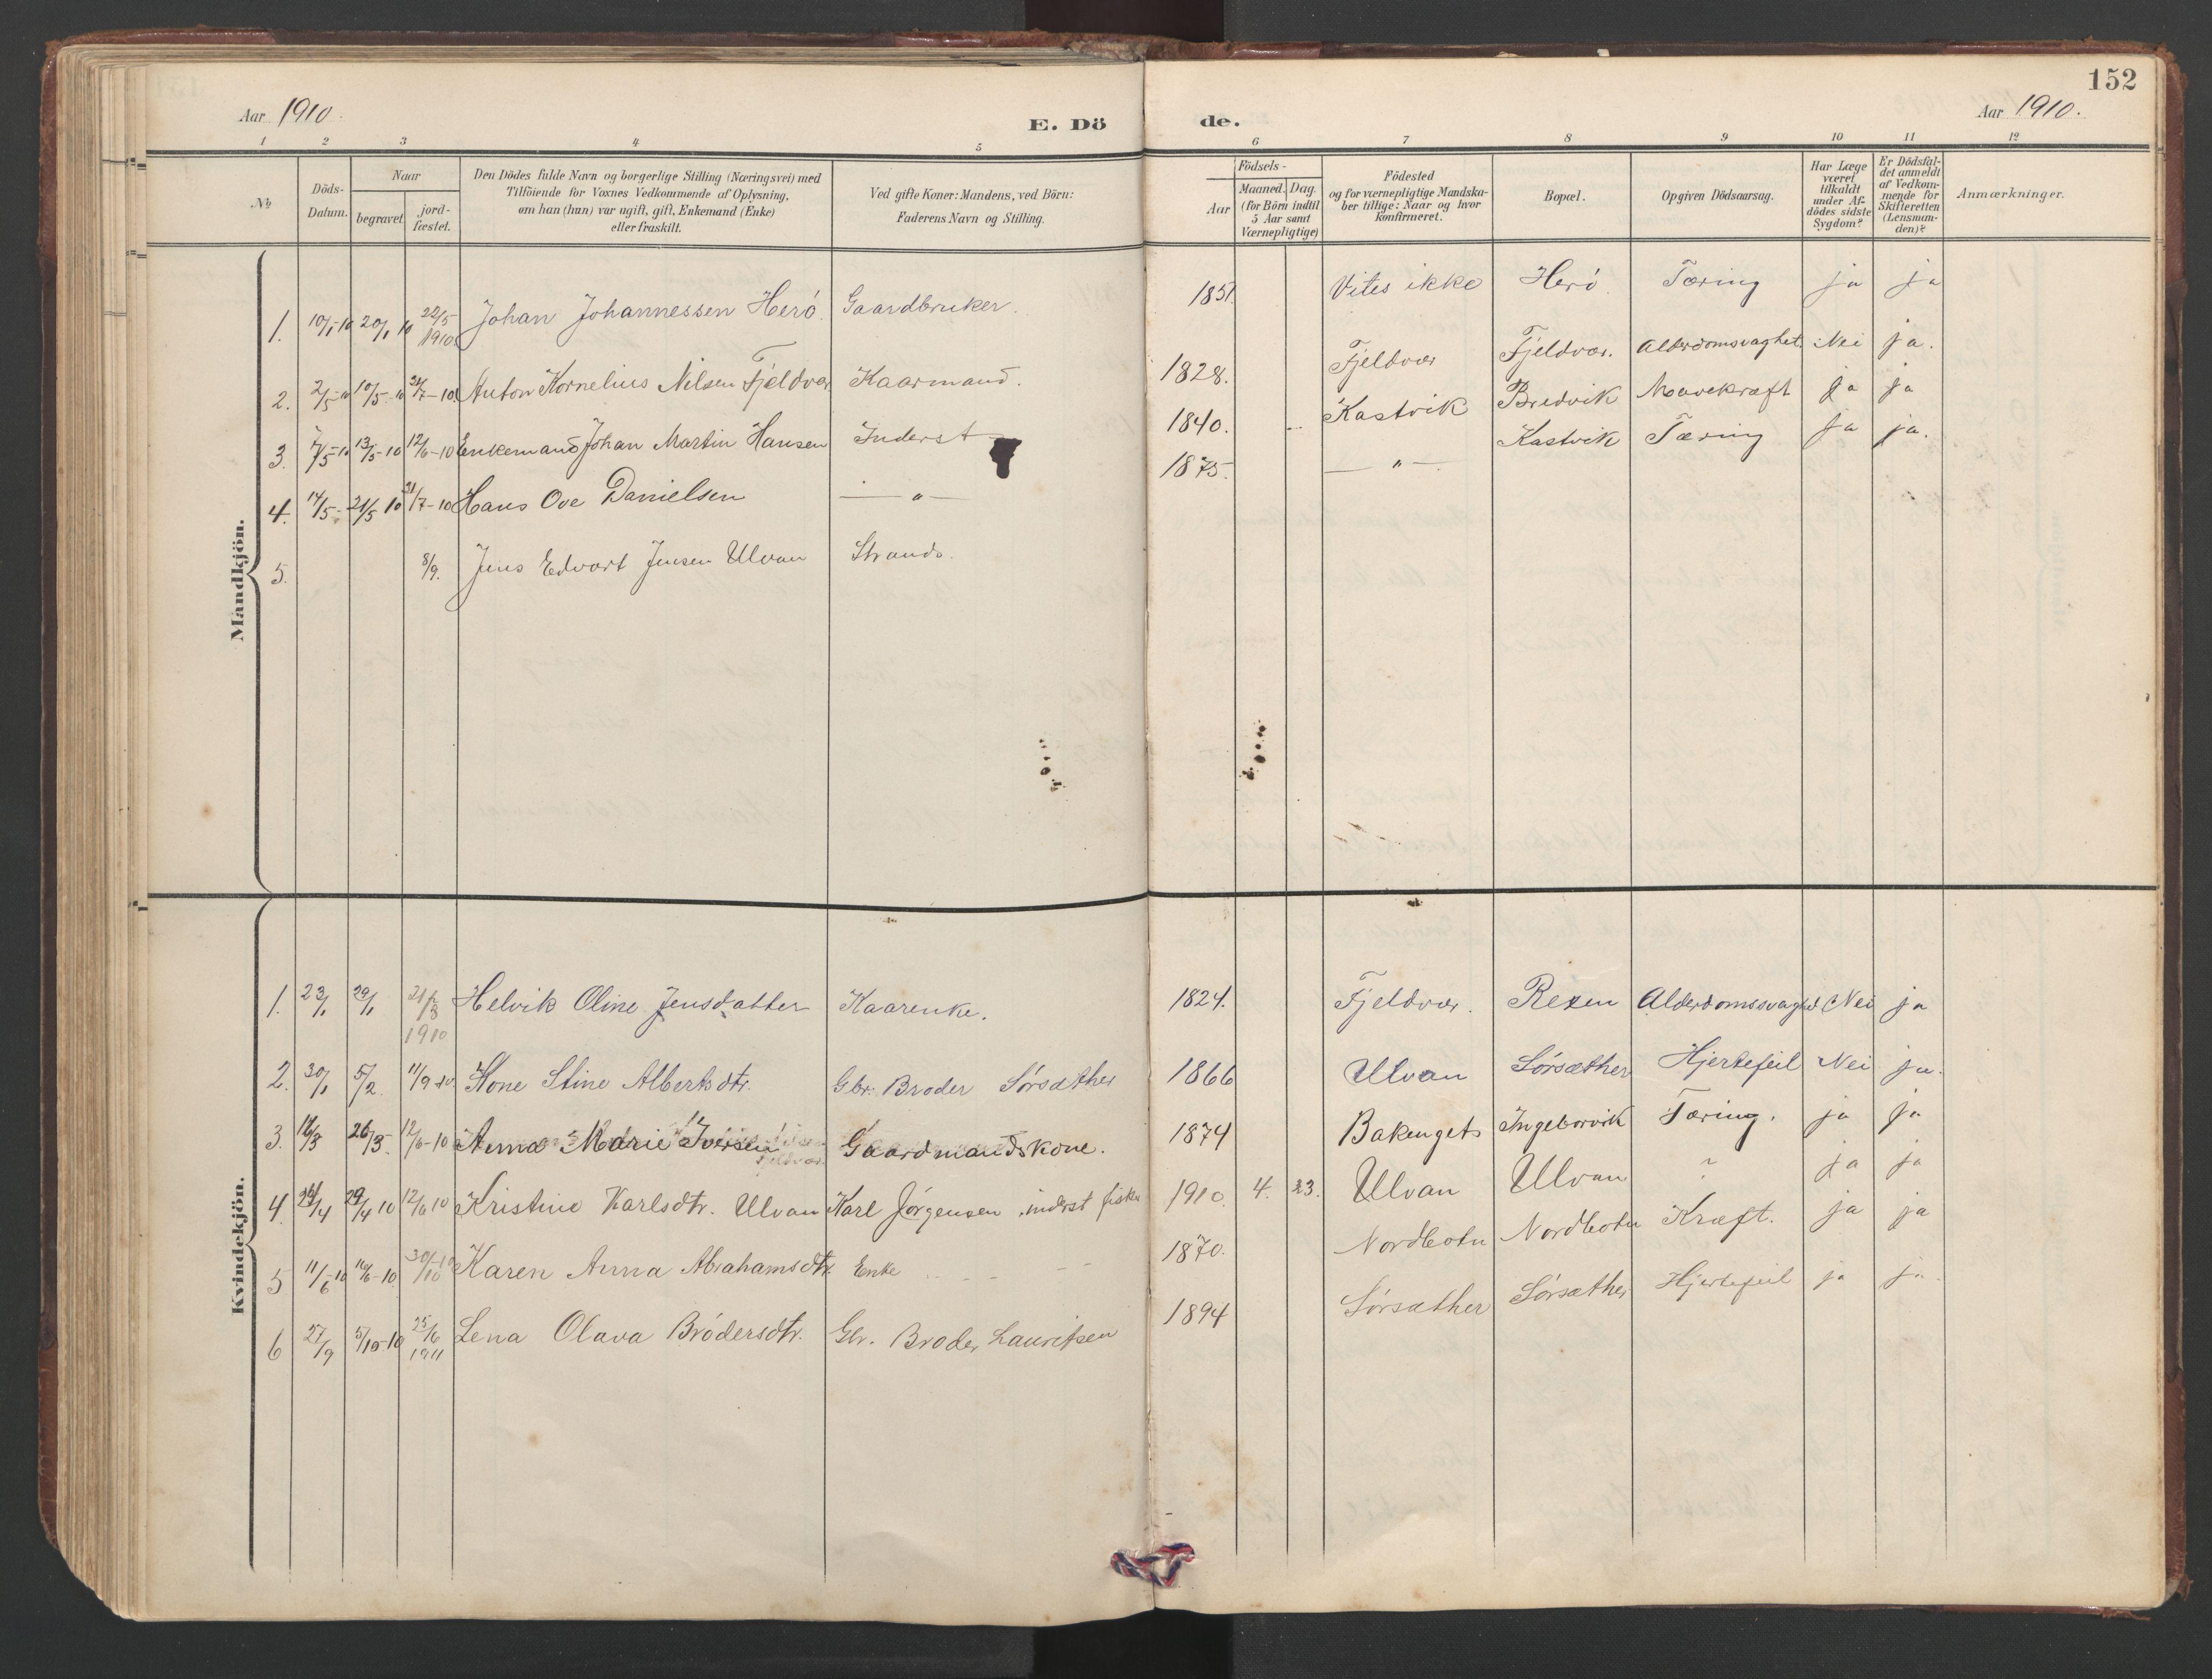 SAT, Ministerialprotokoller, klokkerbøker og fødselsregistre - Sør-Trøndelag, 638/L0571: Klokkerbok nr. 638C03, 1901-1930, s. 152